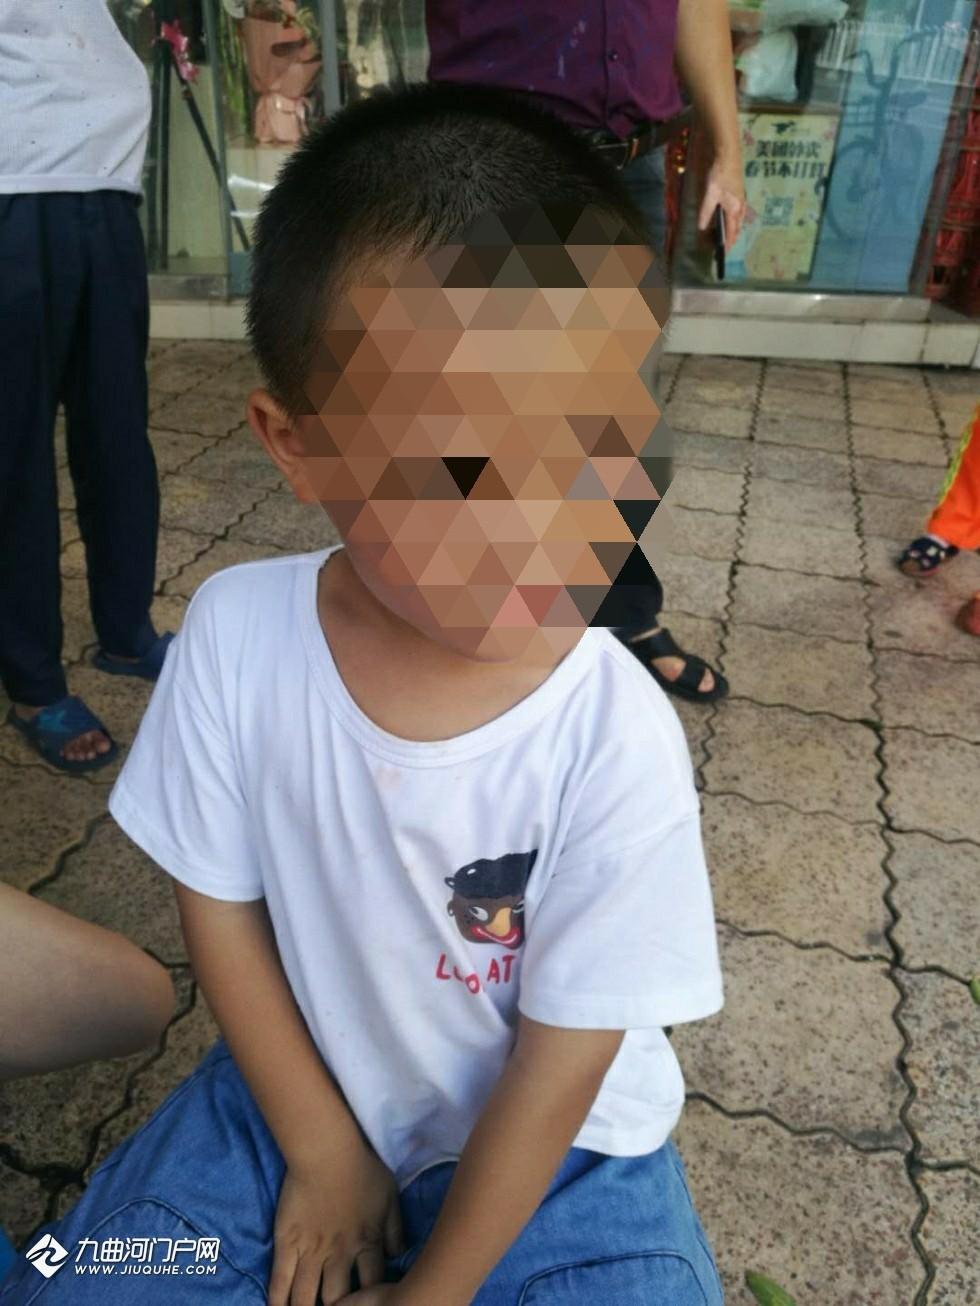 (家长已找到孩子)资阳外西街走丢了一个4岁半的小朋友,他说家住凯旋国际,请家长快来认领!